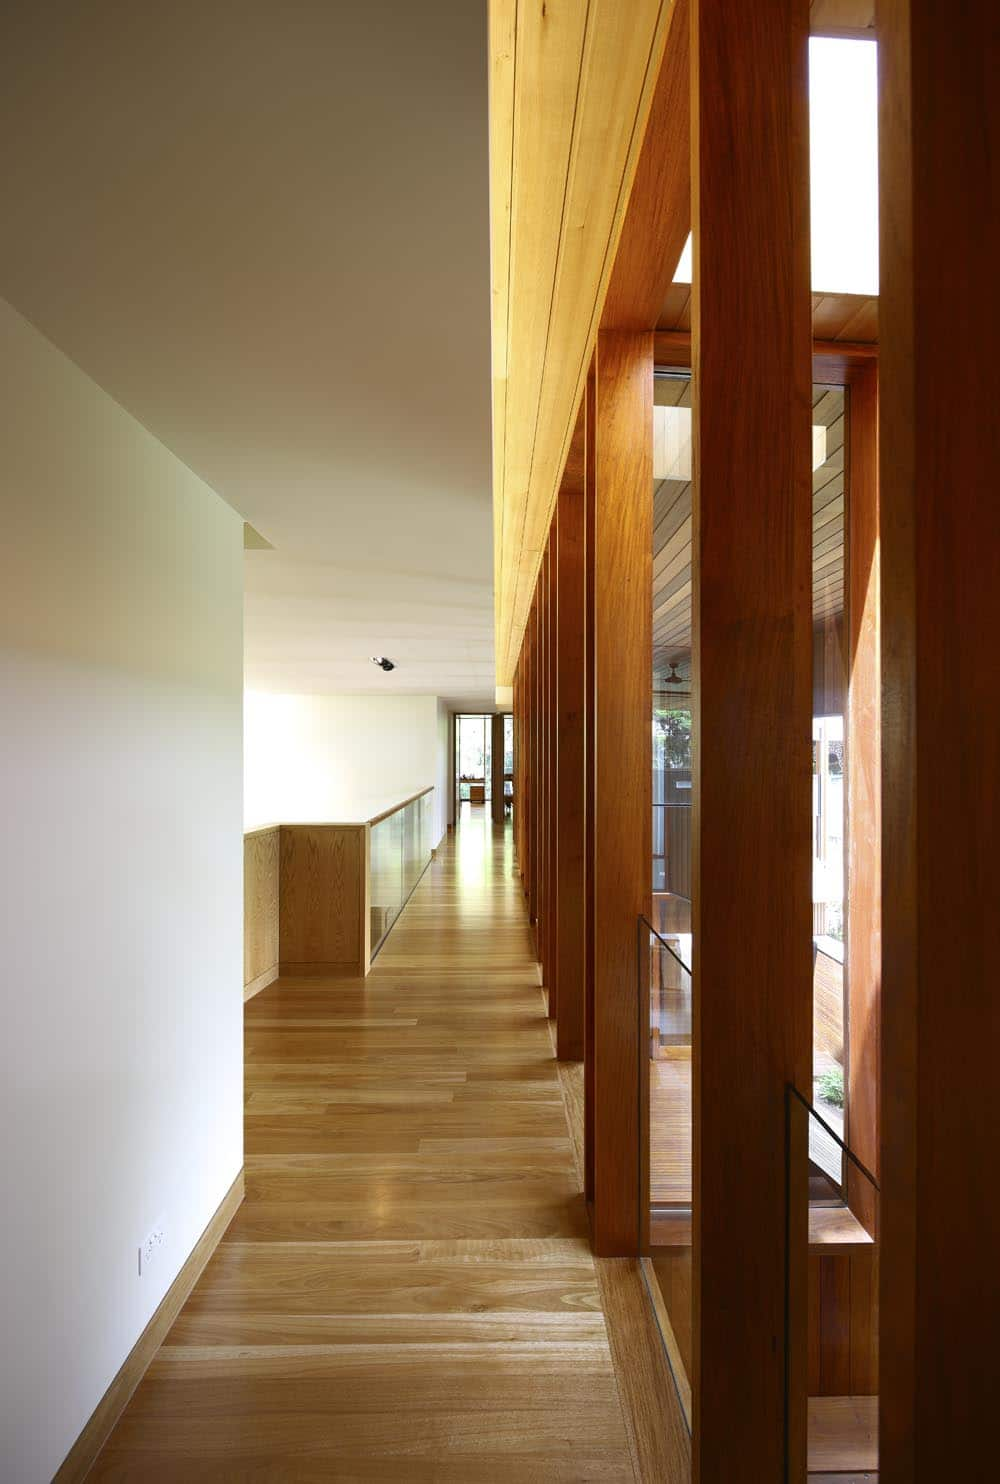 Dise o de casa moderna de dos plantas fachada e for Pisos para interiores tipo madera